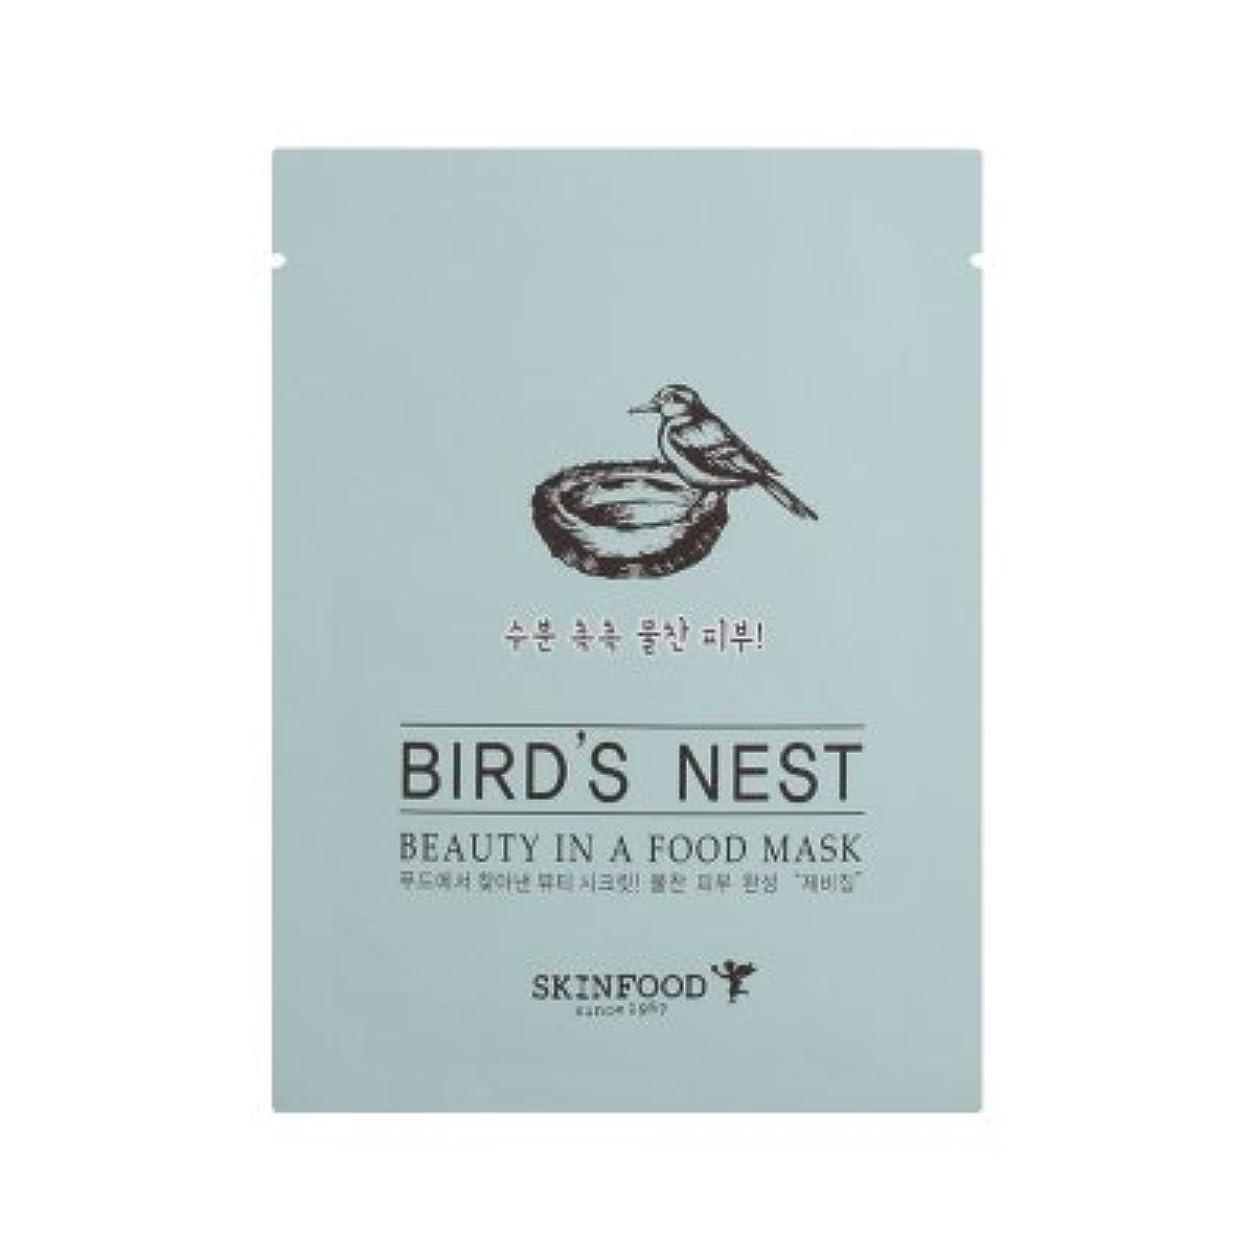 イースター元に戻す森SKINFOOD Beauty in a Food Mask Sheet 5EA (BIRD'S NEST) / スキンフード ビューティー イン ア フード マスクシート [並行輸入品]